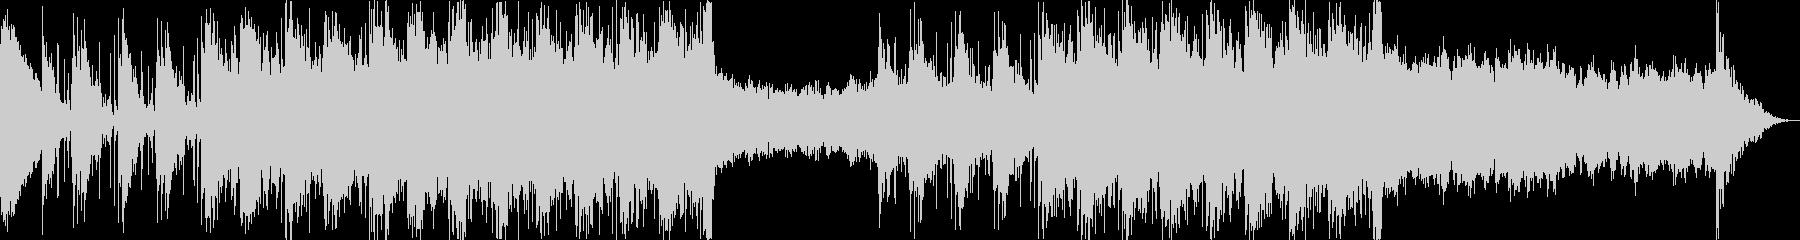 映画音楽、スピード感のある映像向け-03の未再生の波形